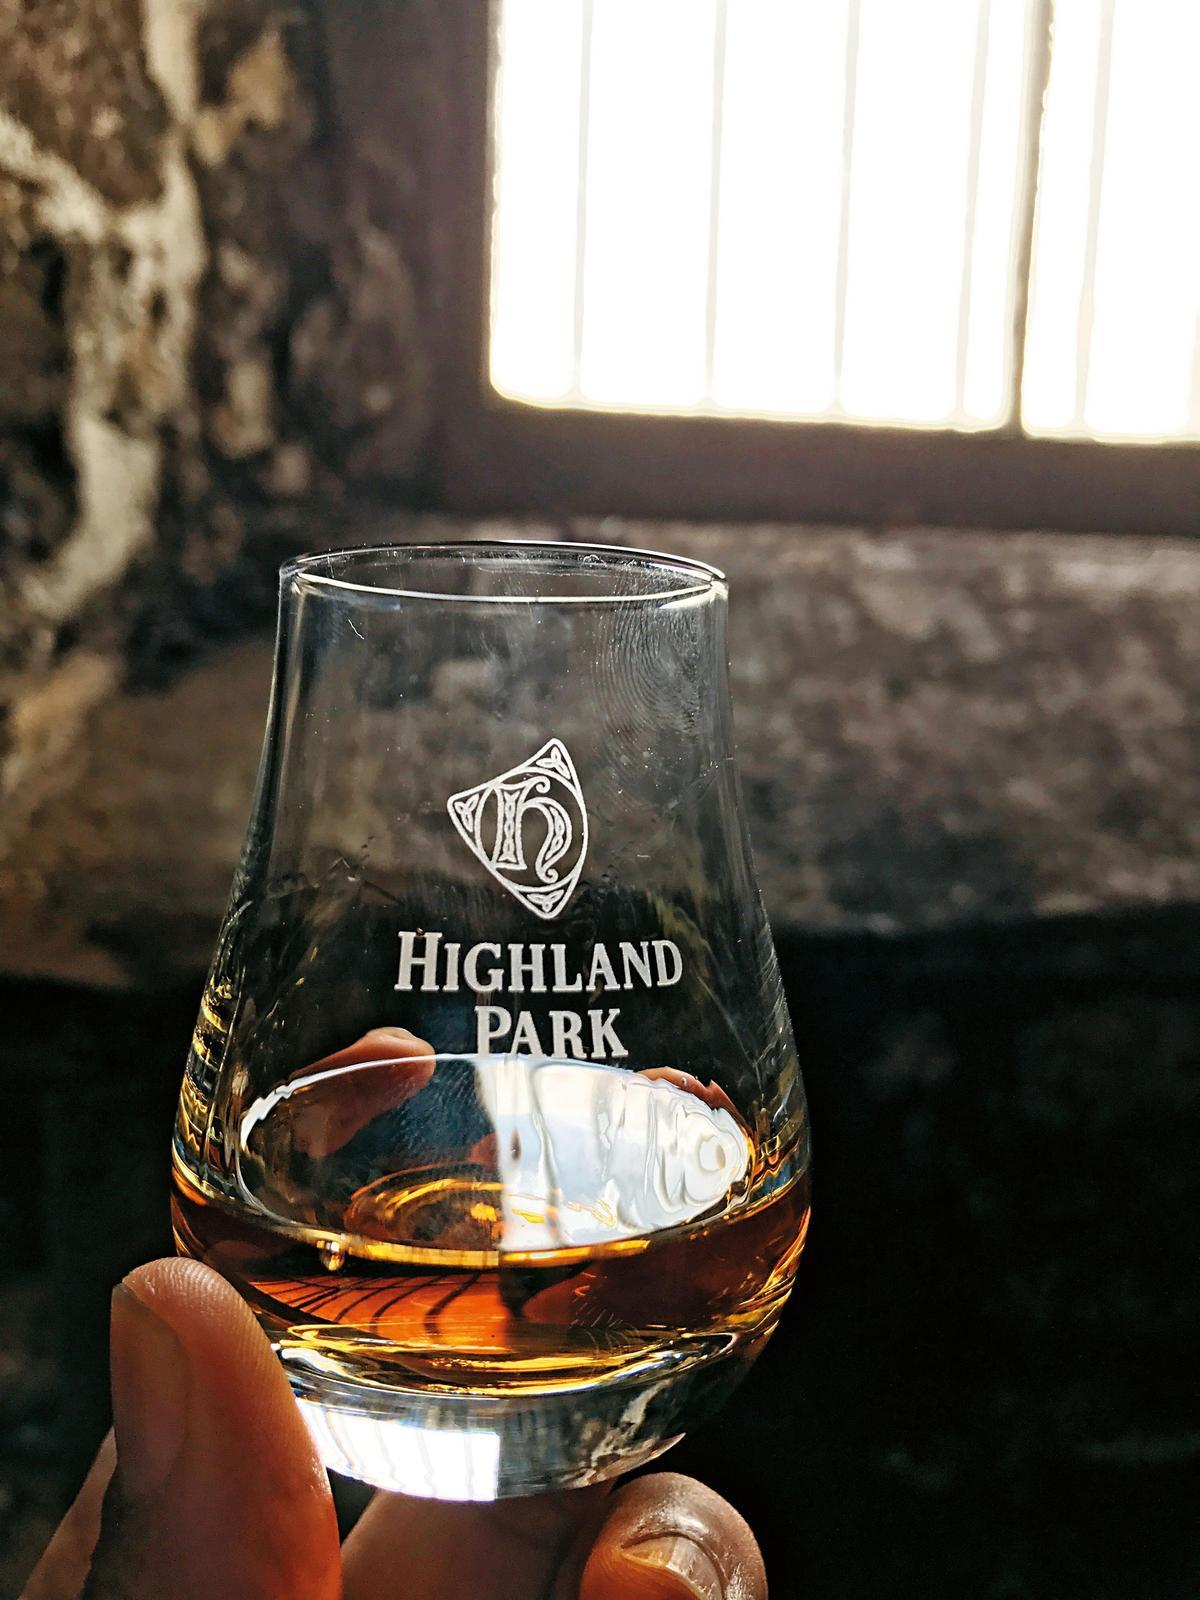 在酒廠當地品飲,往往是最令人興奮且美好的,這回在奧克尼島,我們就分別在酒窖、品飲室、海邊喝了高原騎士。